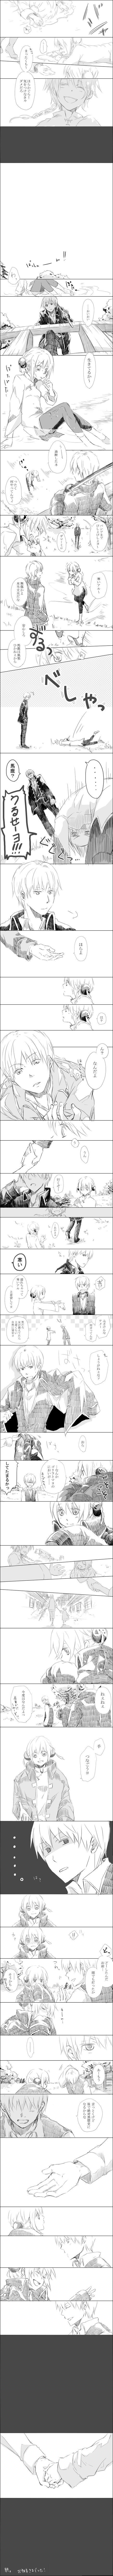 「【沖神】お手をどうぞ」/「ありはる」のイラスト [pixiv]